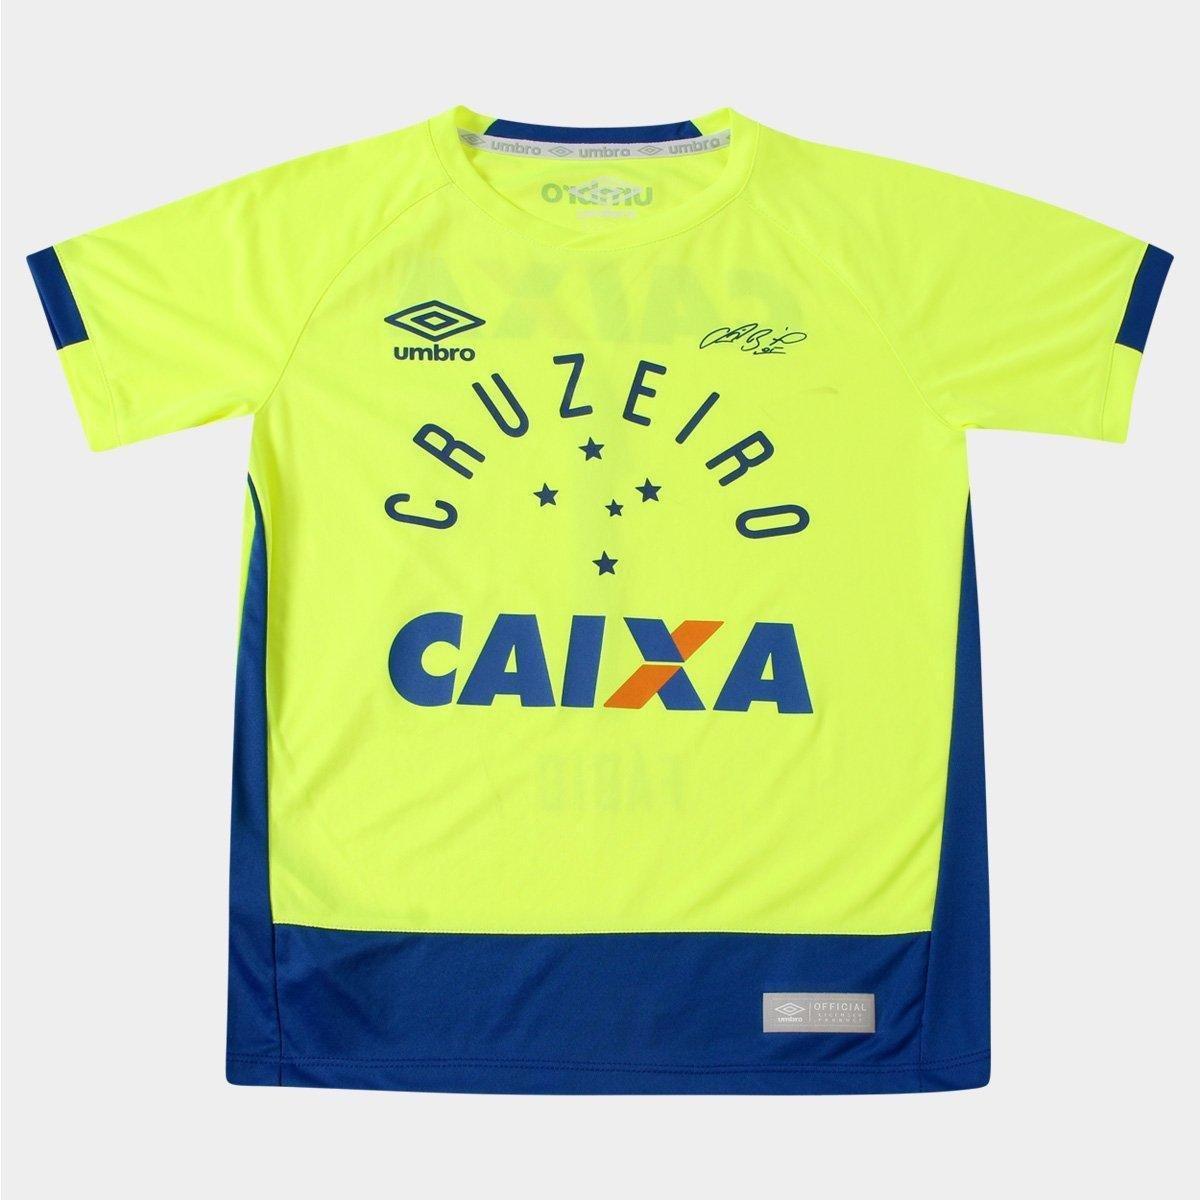 Camisa Umbro Cruzeiro Goleiro 2016 nº 1 - Fábio - Infantil - Compre Agora  ae62816eff518